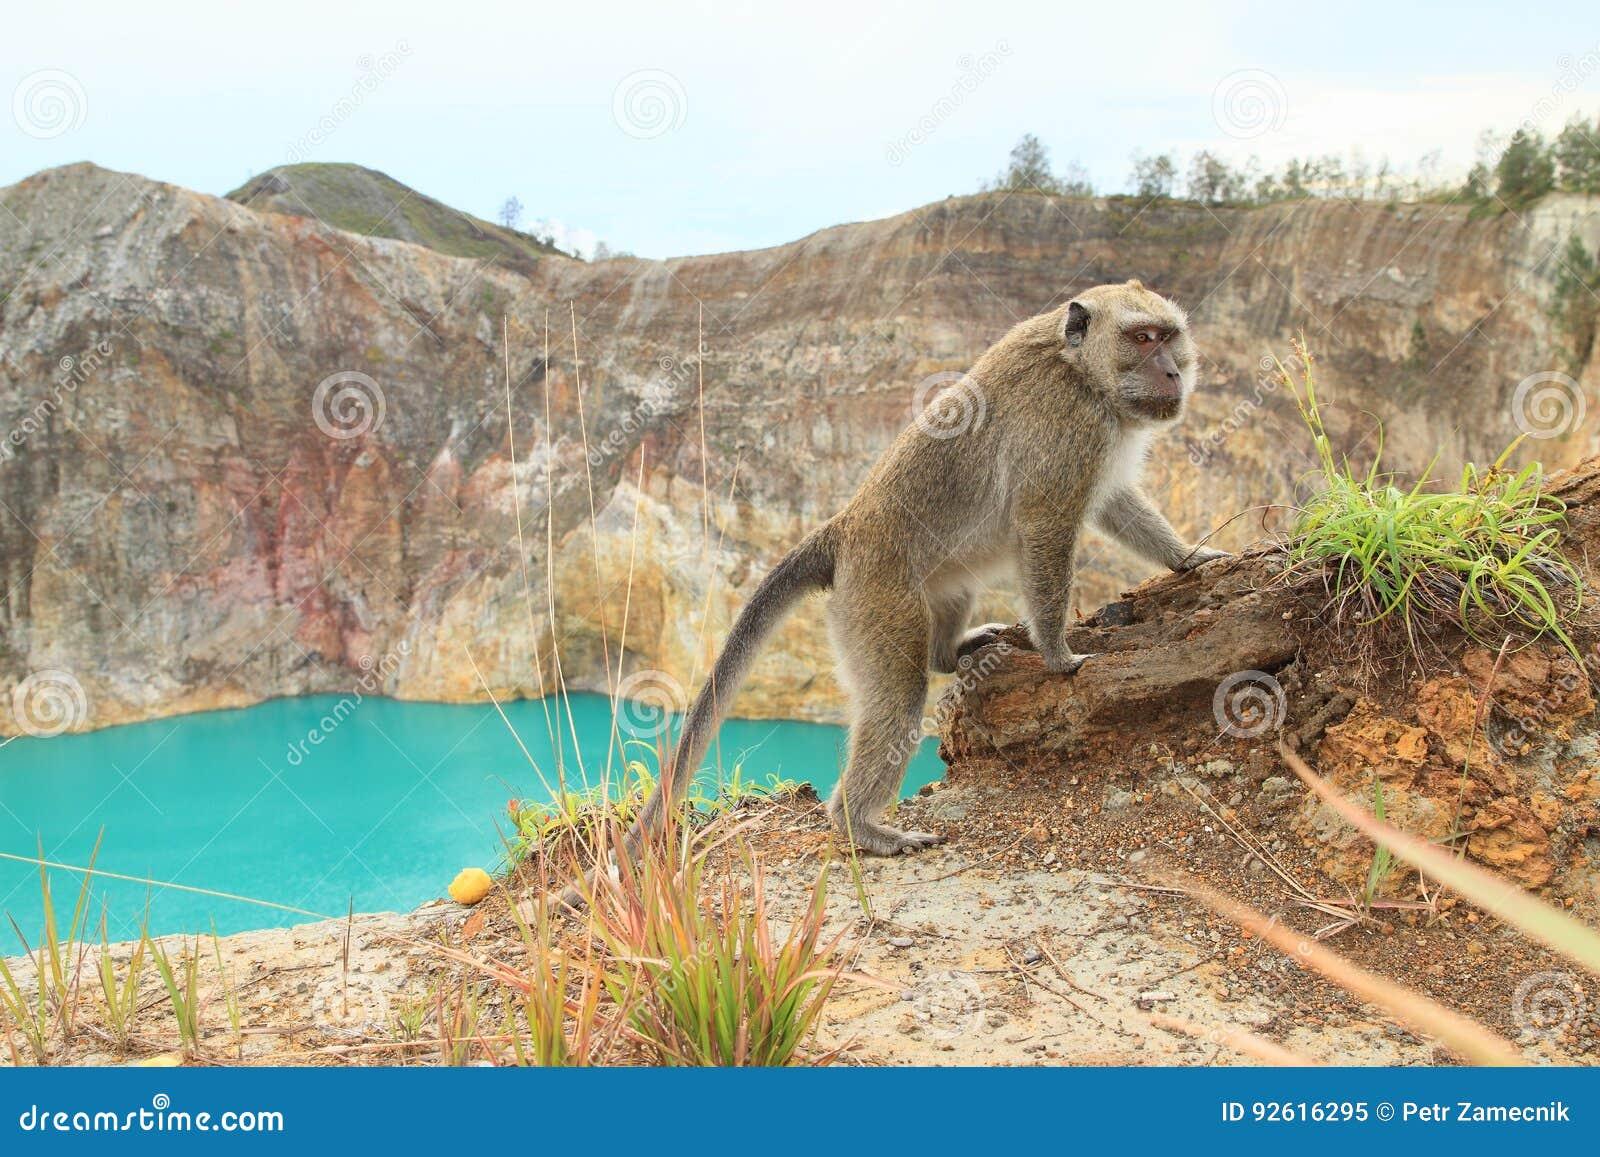 Monkey on edge of crater with lake Tin on Kelimutu